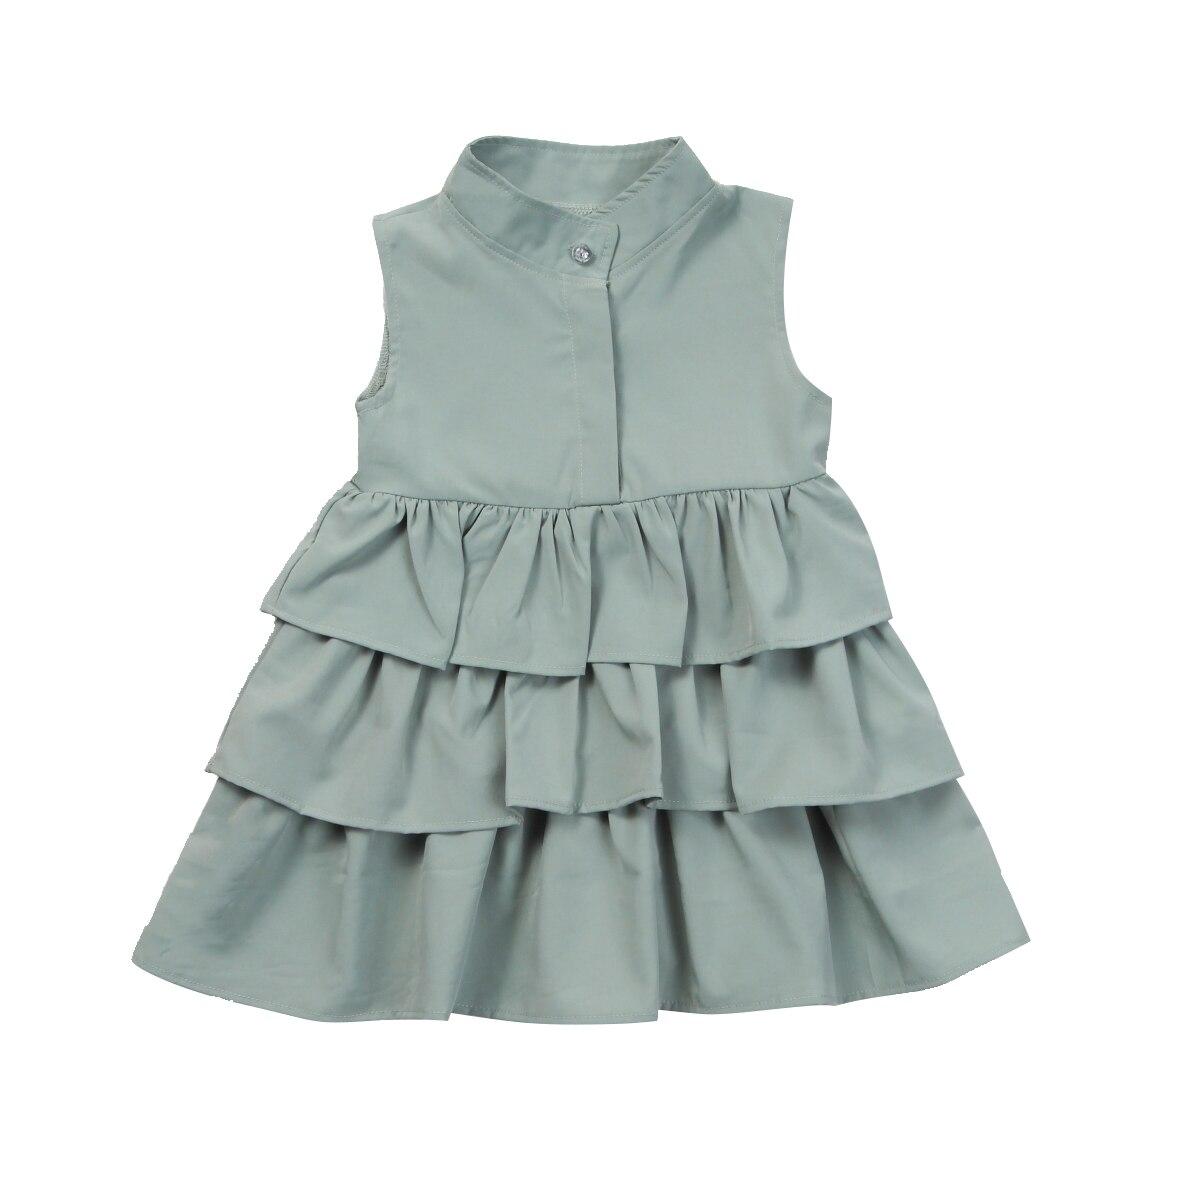 Emmamaby chico Baby Girls desfile sólido sin mangas cuello redondo pastel con capas Ruffle Tutu vestido burbuja ropa